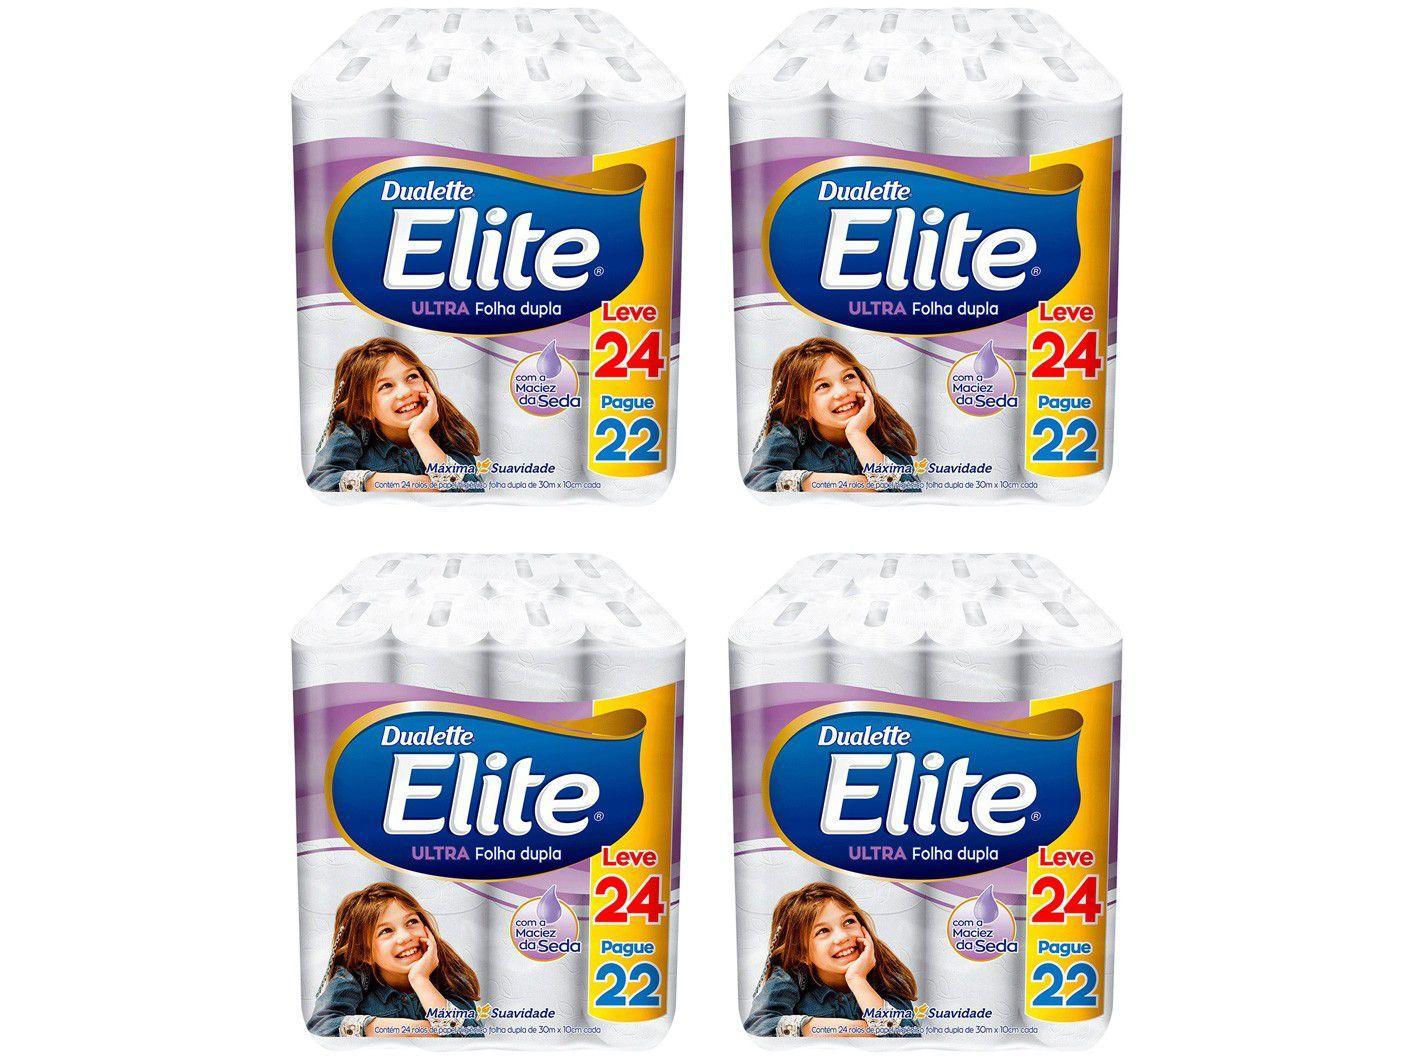 Kit Papel Higiênico Folha Dupla Elite Ultra - 4 Pacotes com 24 Unidades Cada